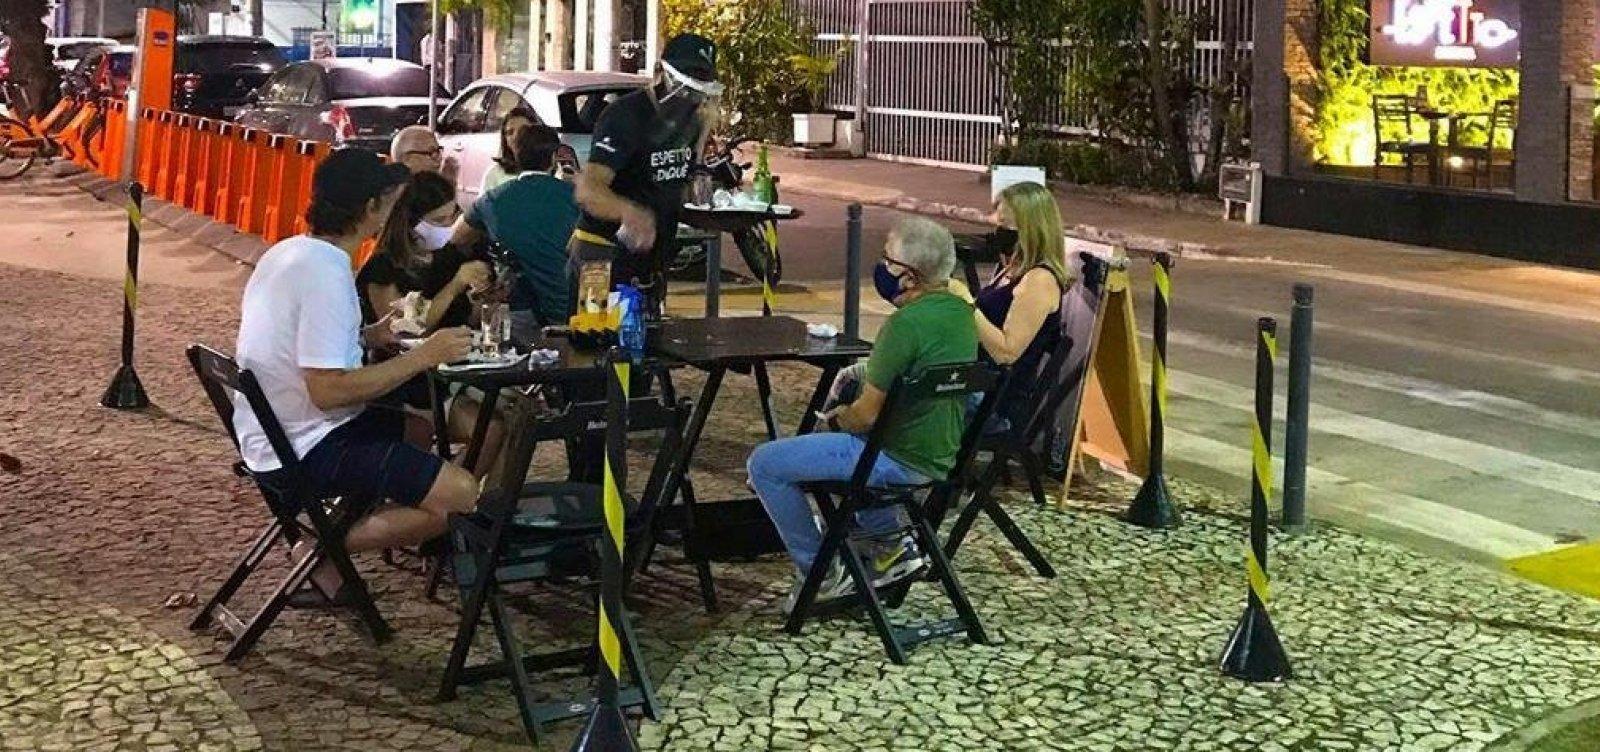 [Retomada do comércio: bares e restaurantes reabrem nesta quarta em Salvador]